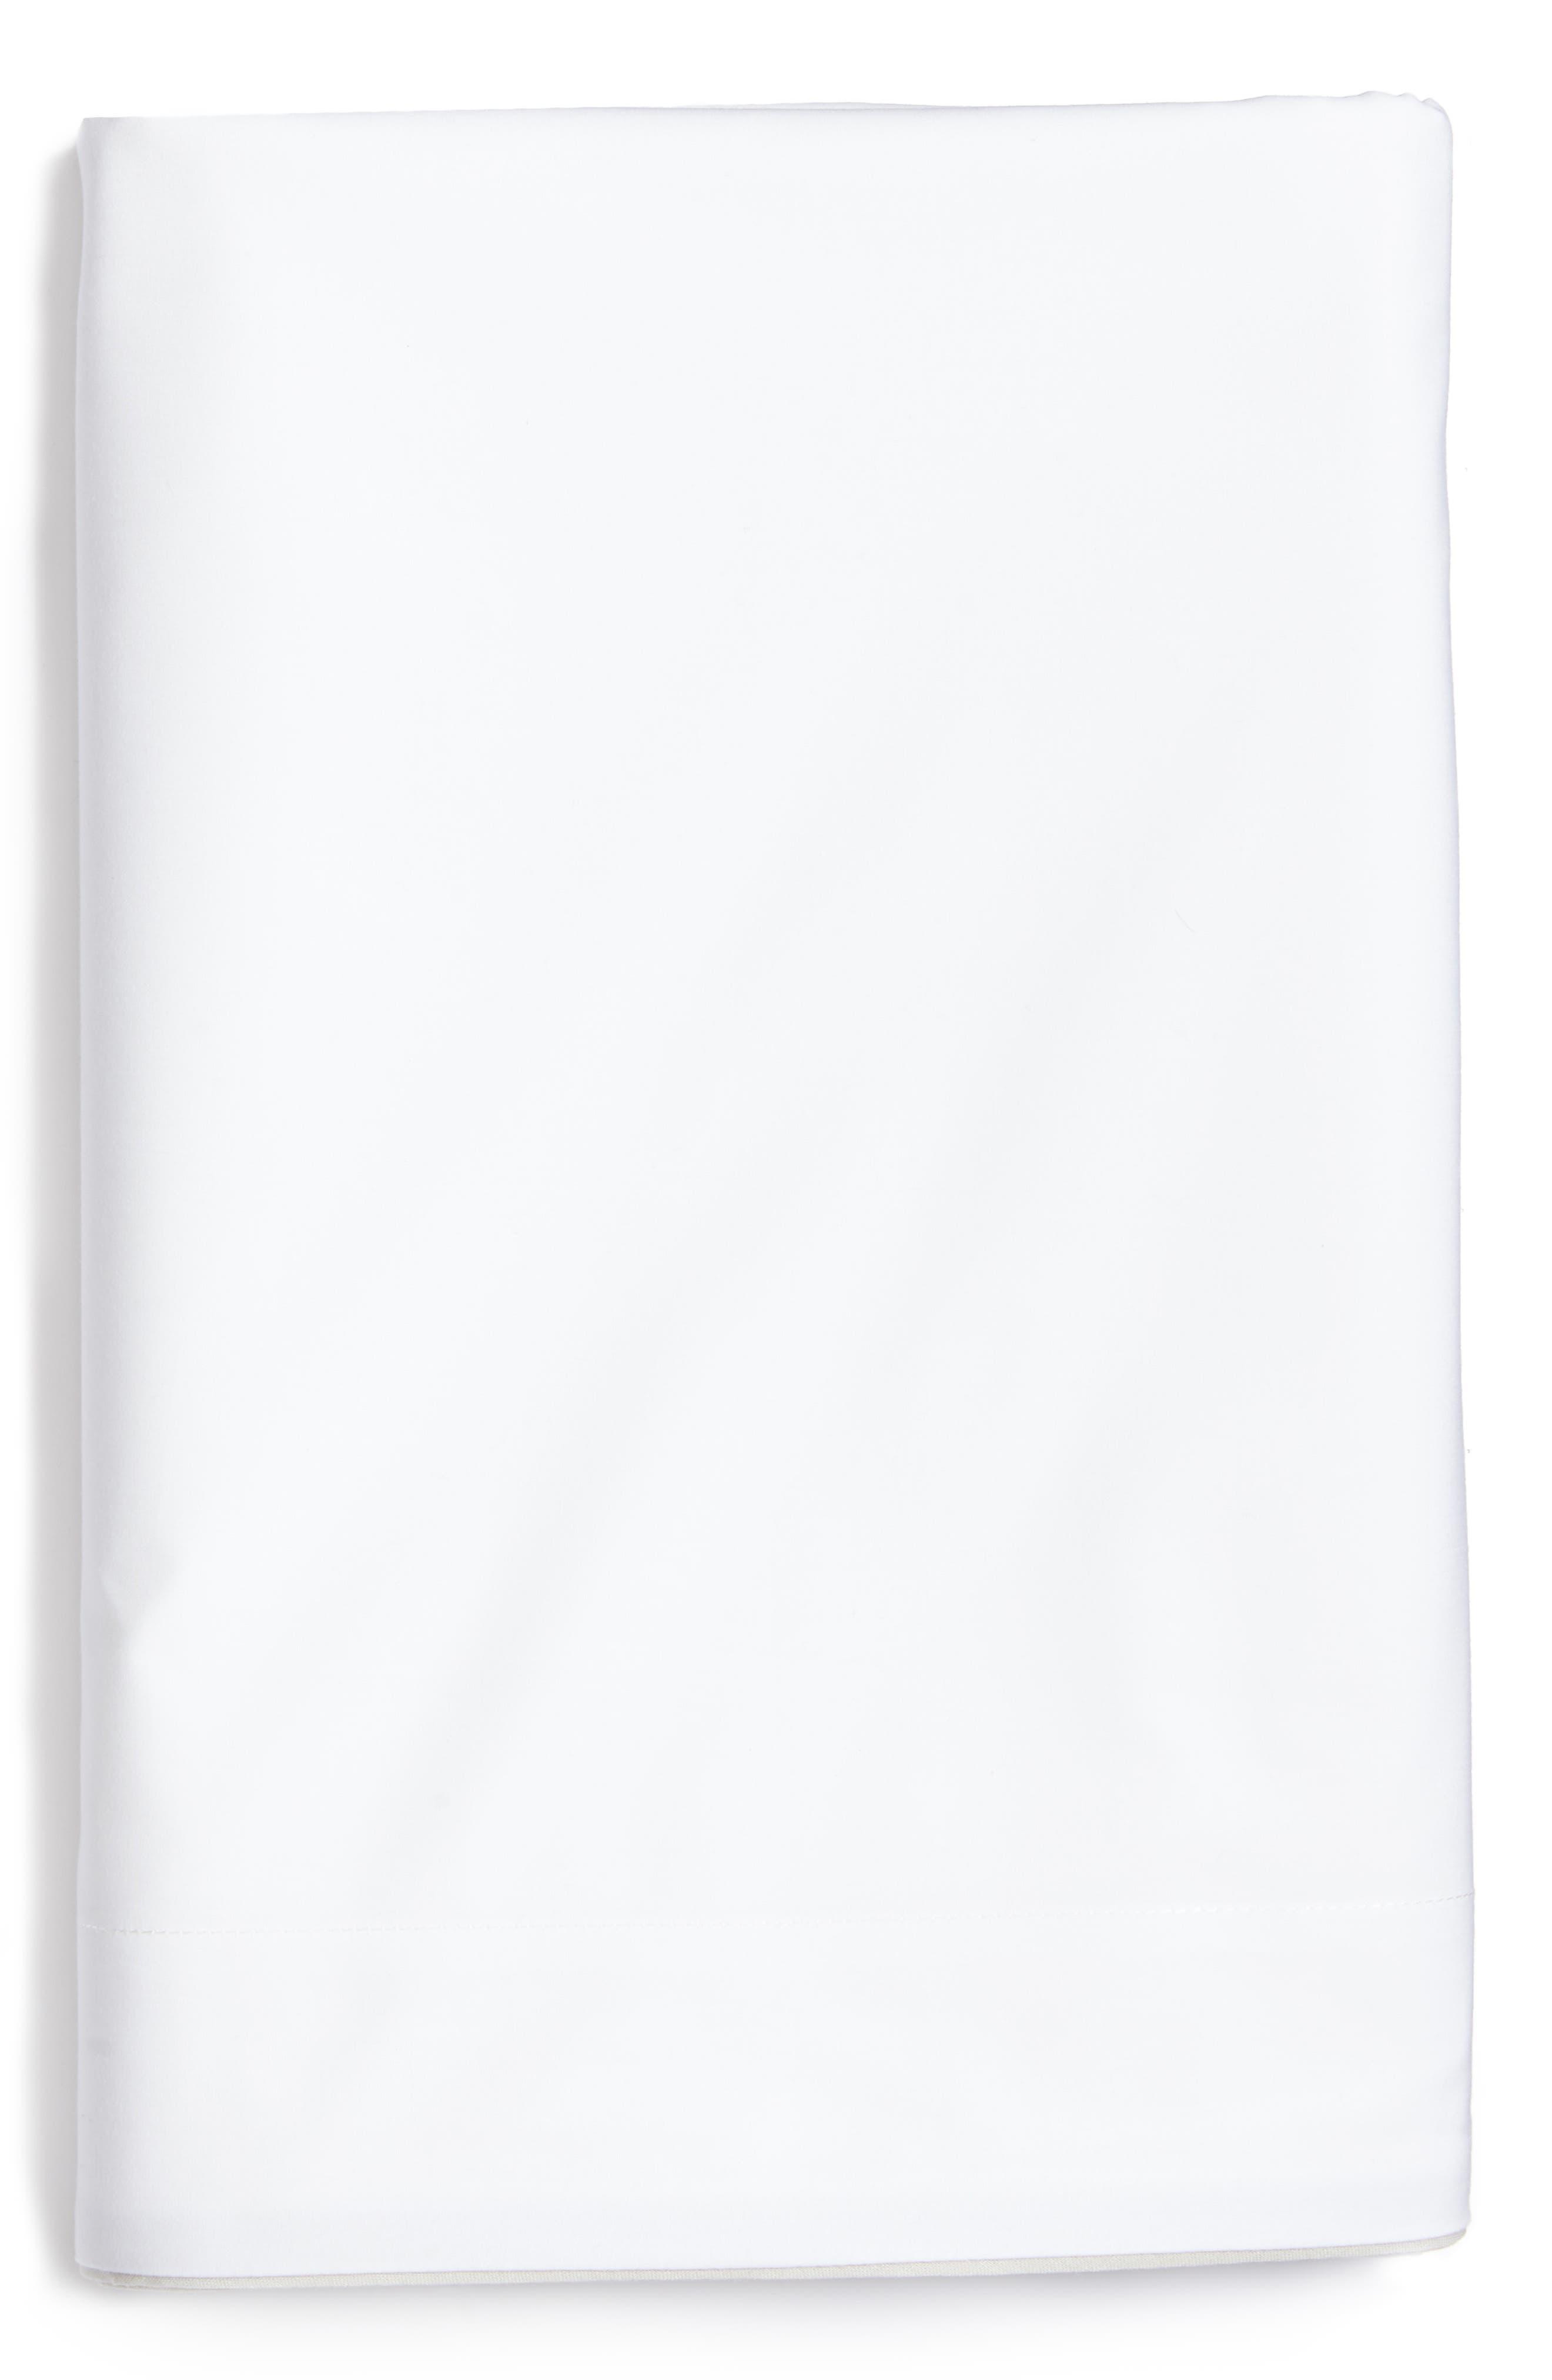 Calvin Klein Home Series 1 500 Thread Count Flat Sheet